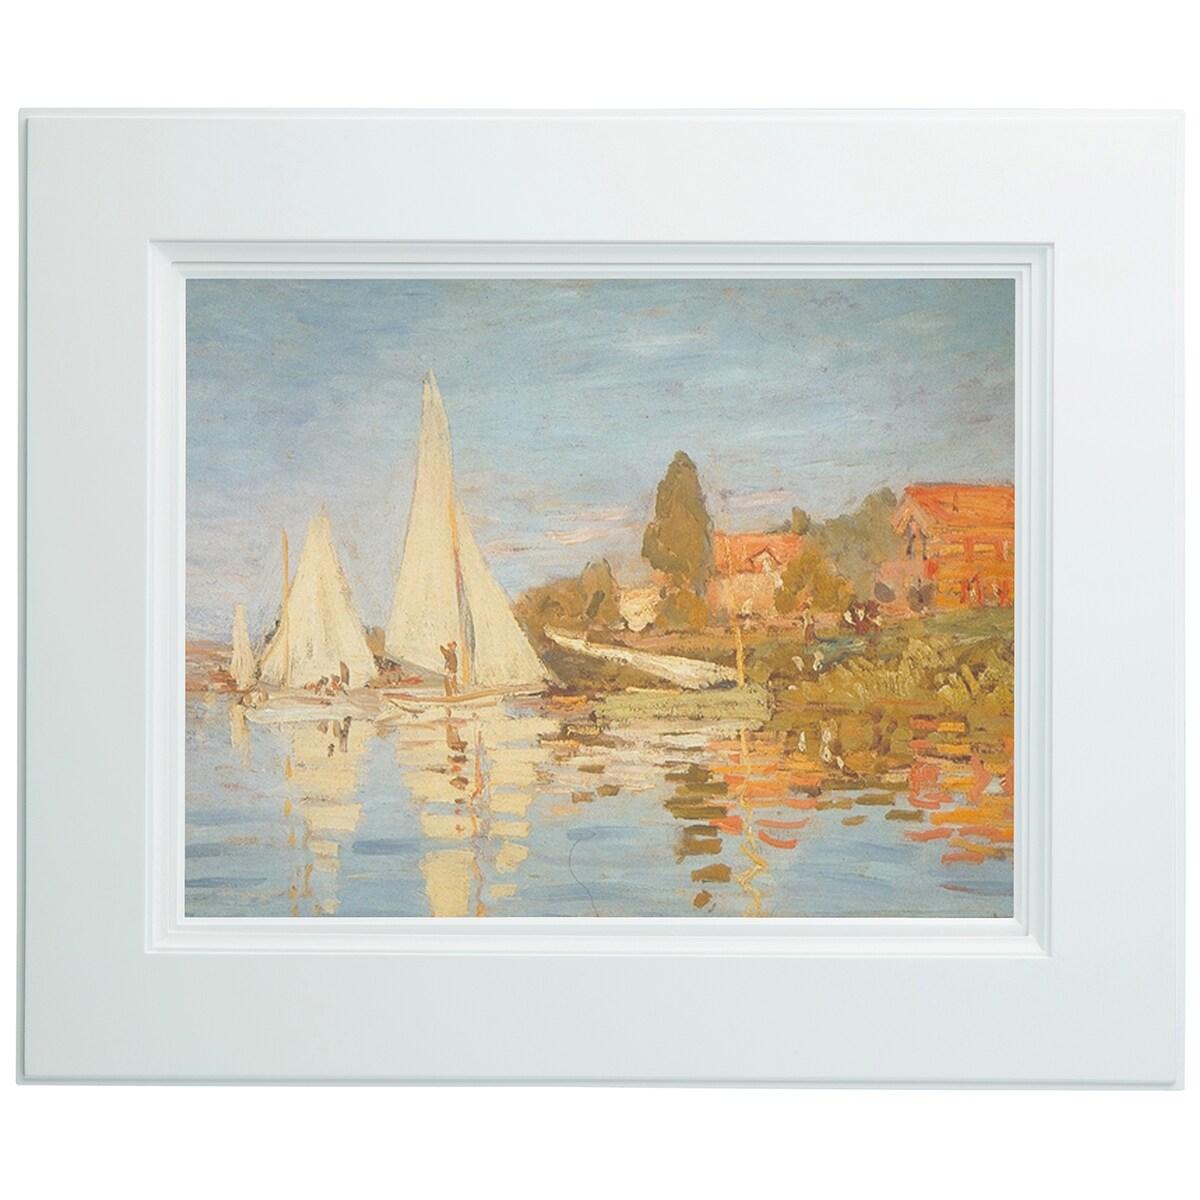 ラーソン・ジュール 油絵用額縁 A263 F6 ホワイト